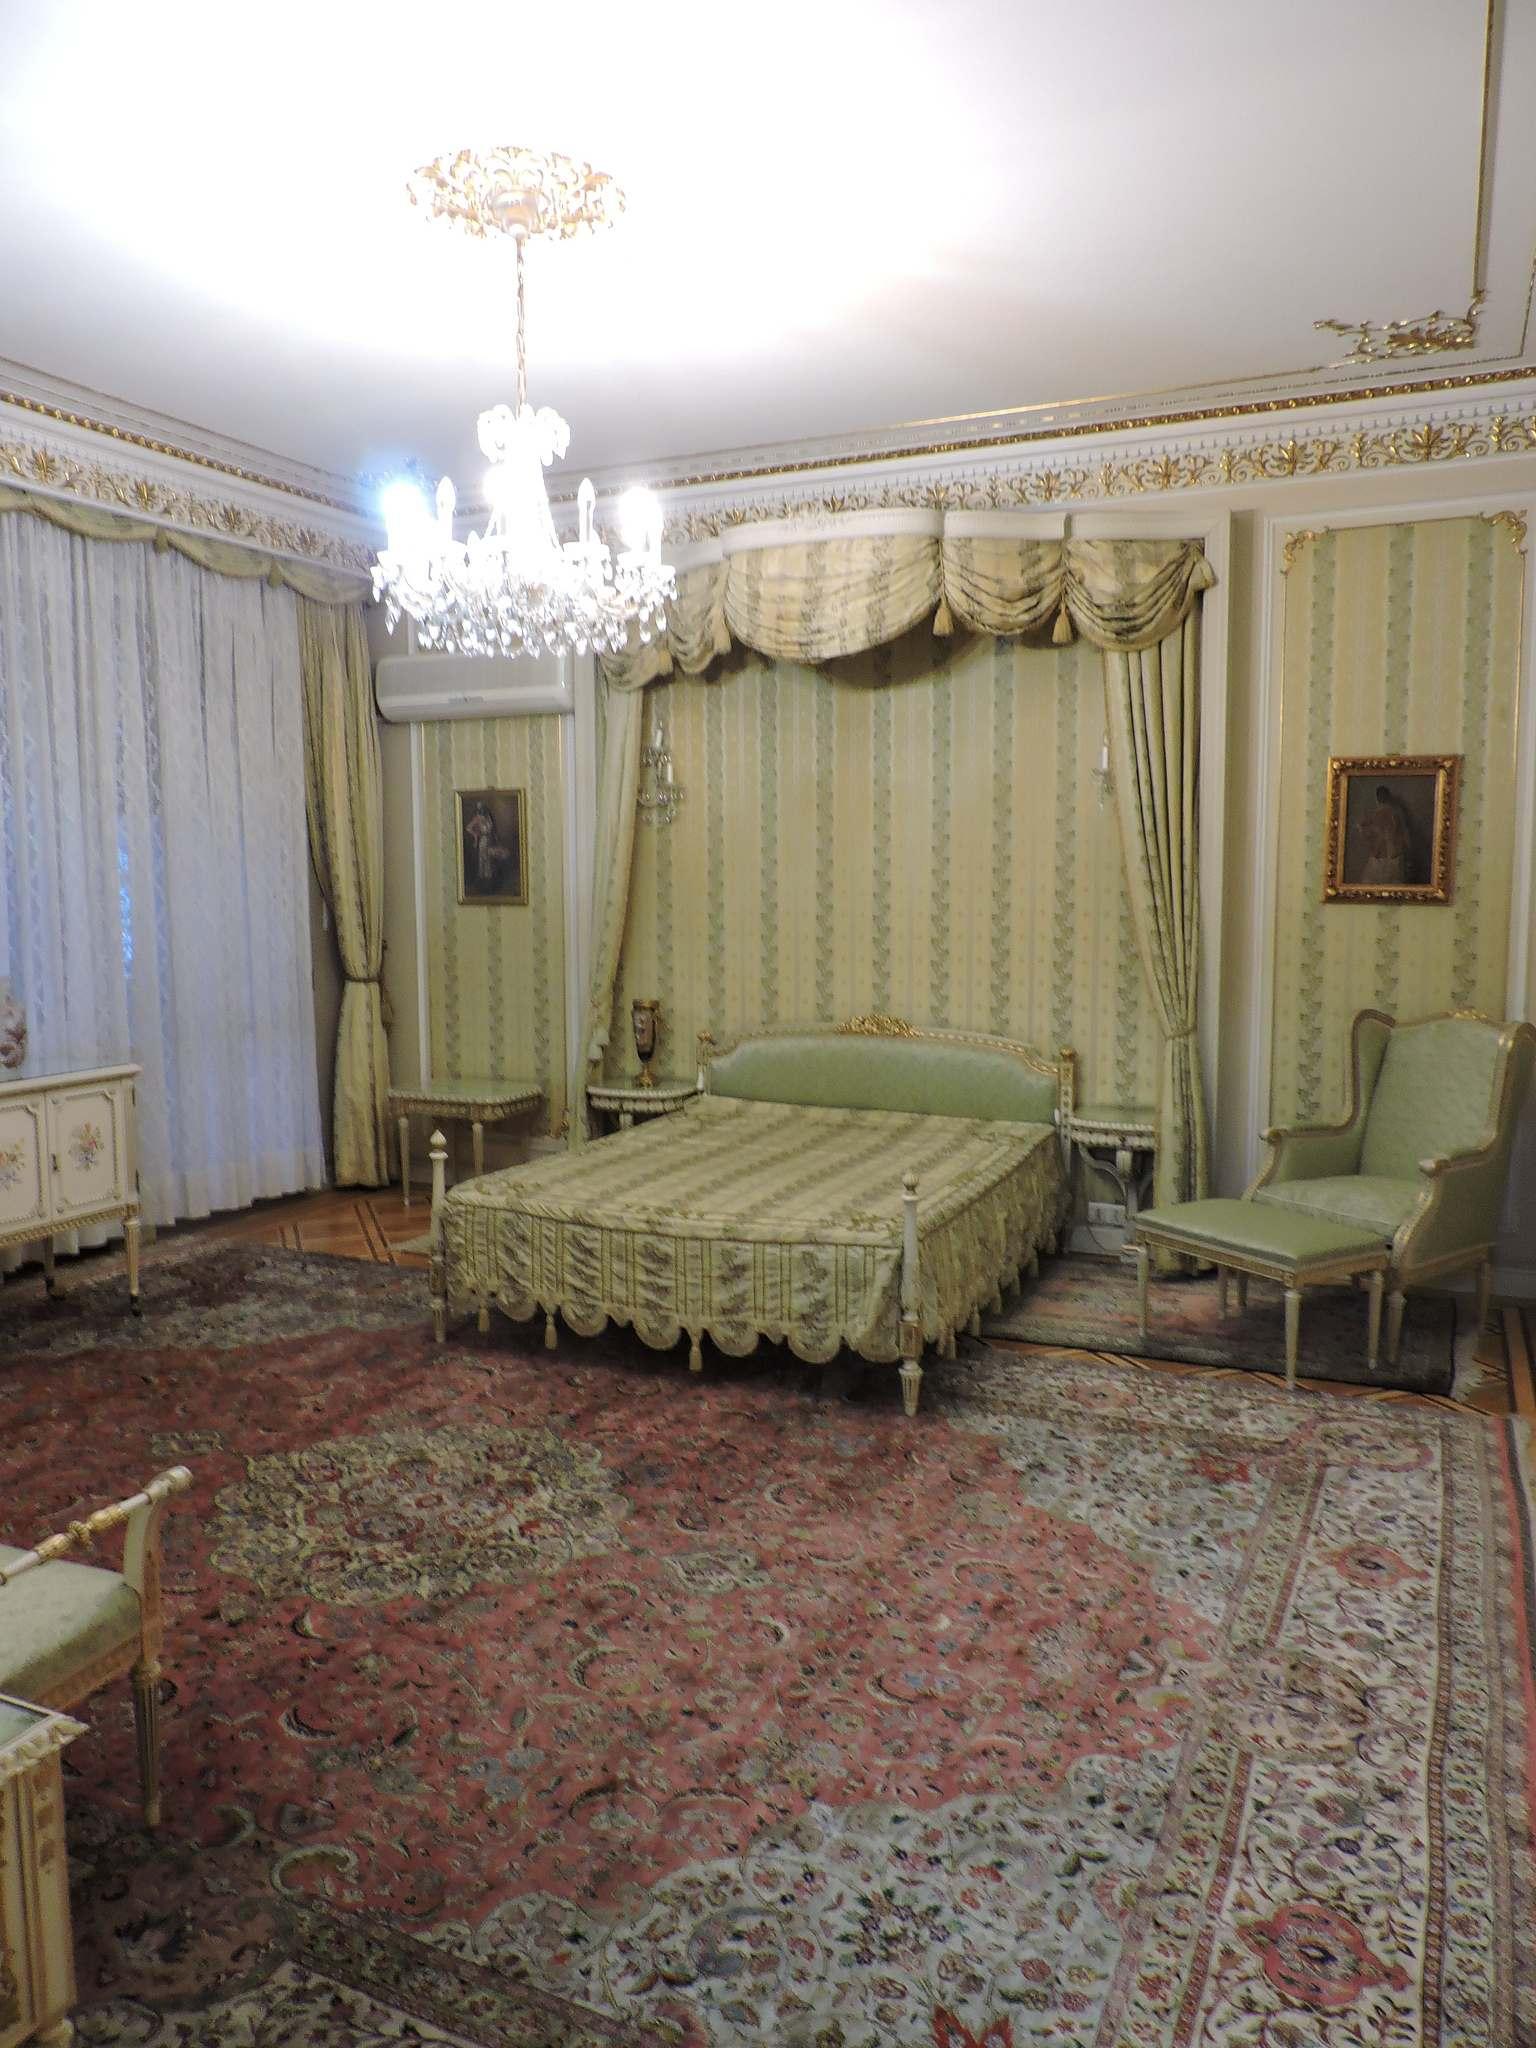 palatul primaverii8 Palatul Primaverii aka Spring Palace of Ceausescu